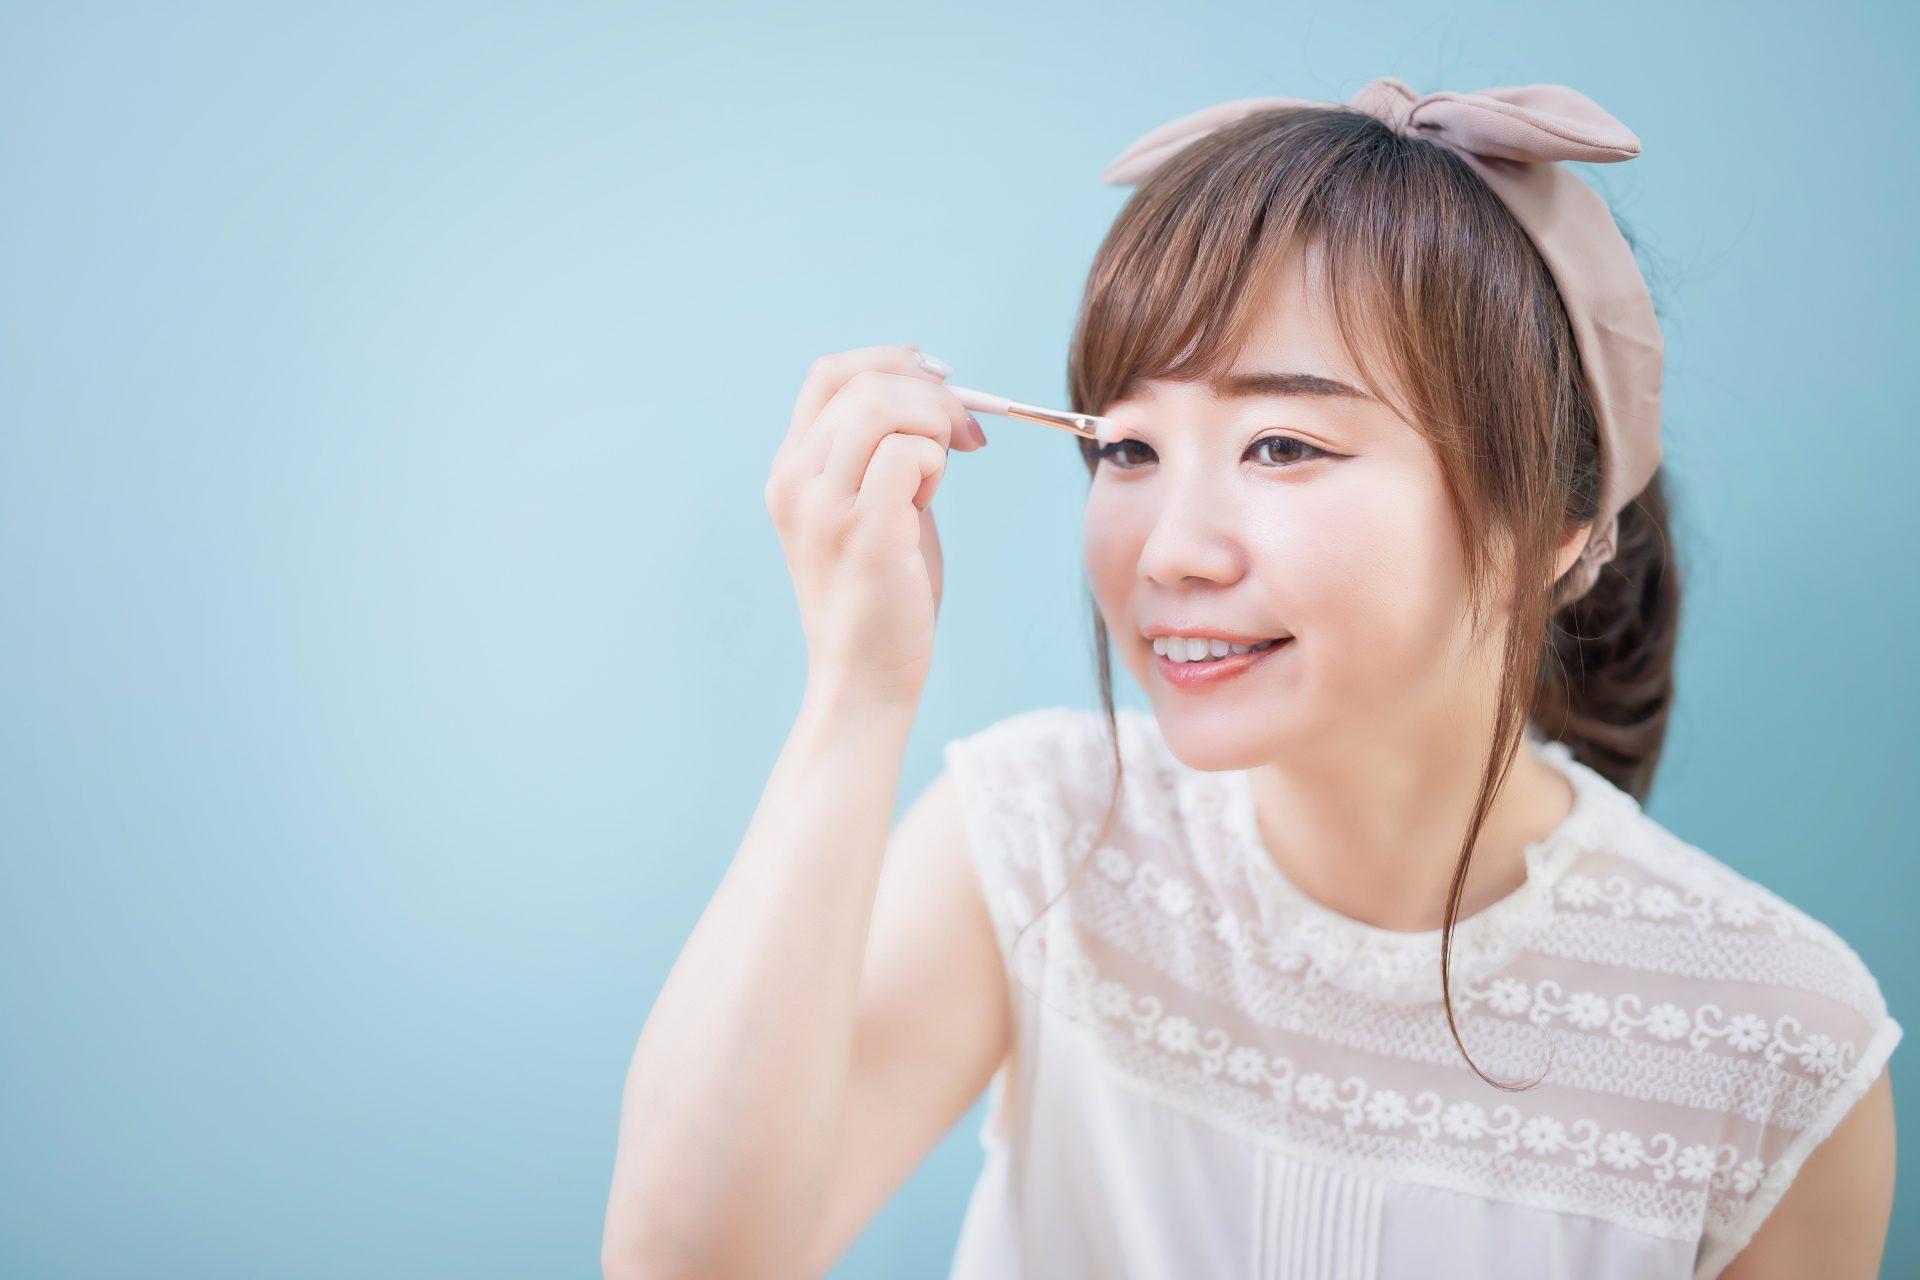 大阪のキャバクラでは派手な化粧のほうがいい?